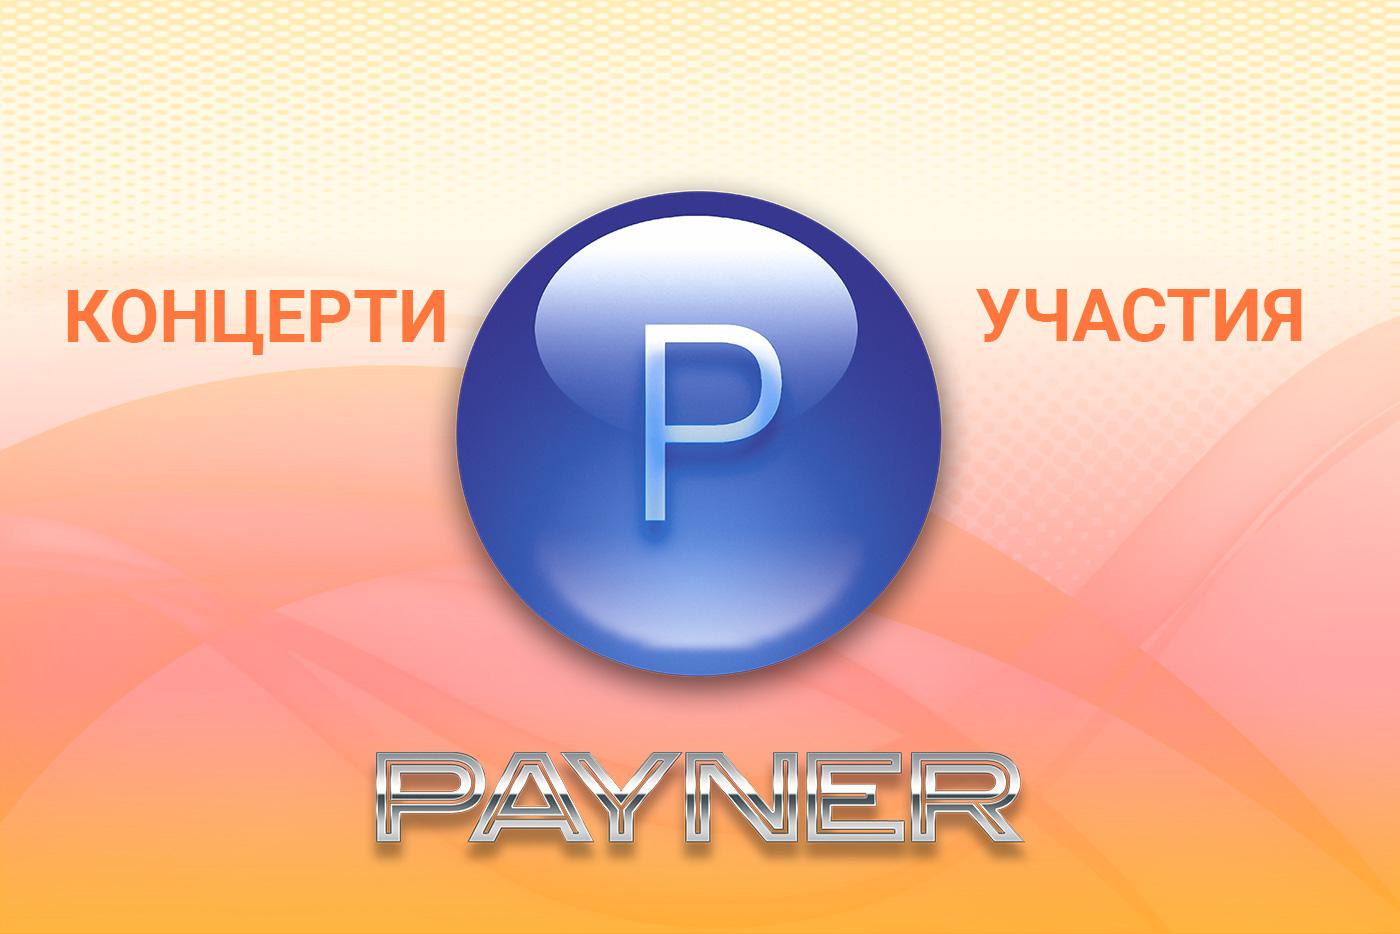 """Участия на звездите на """"Пайнер"""" на 18.10.2019"""